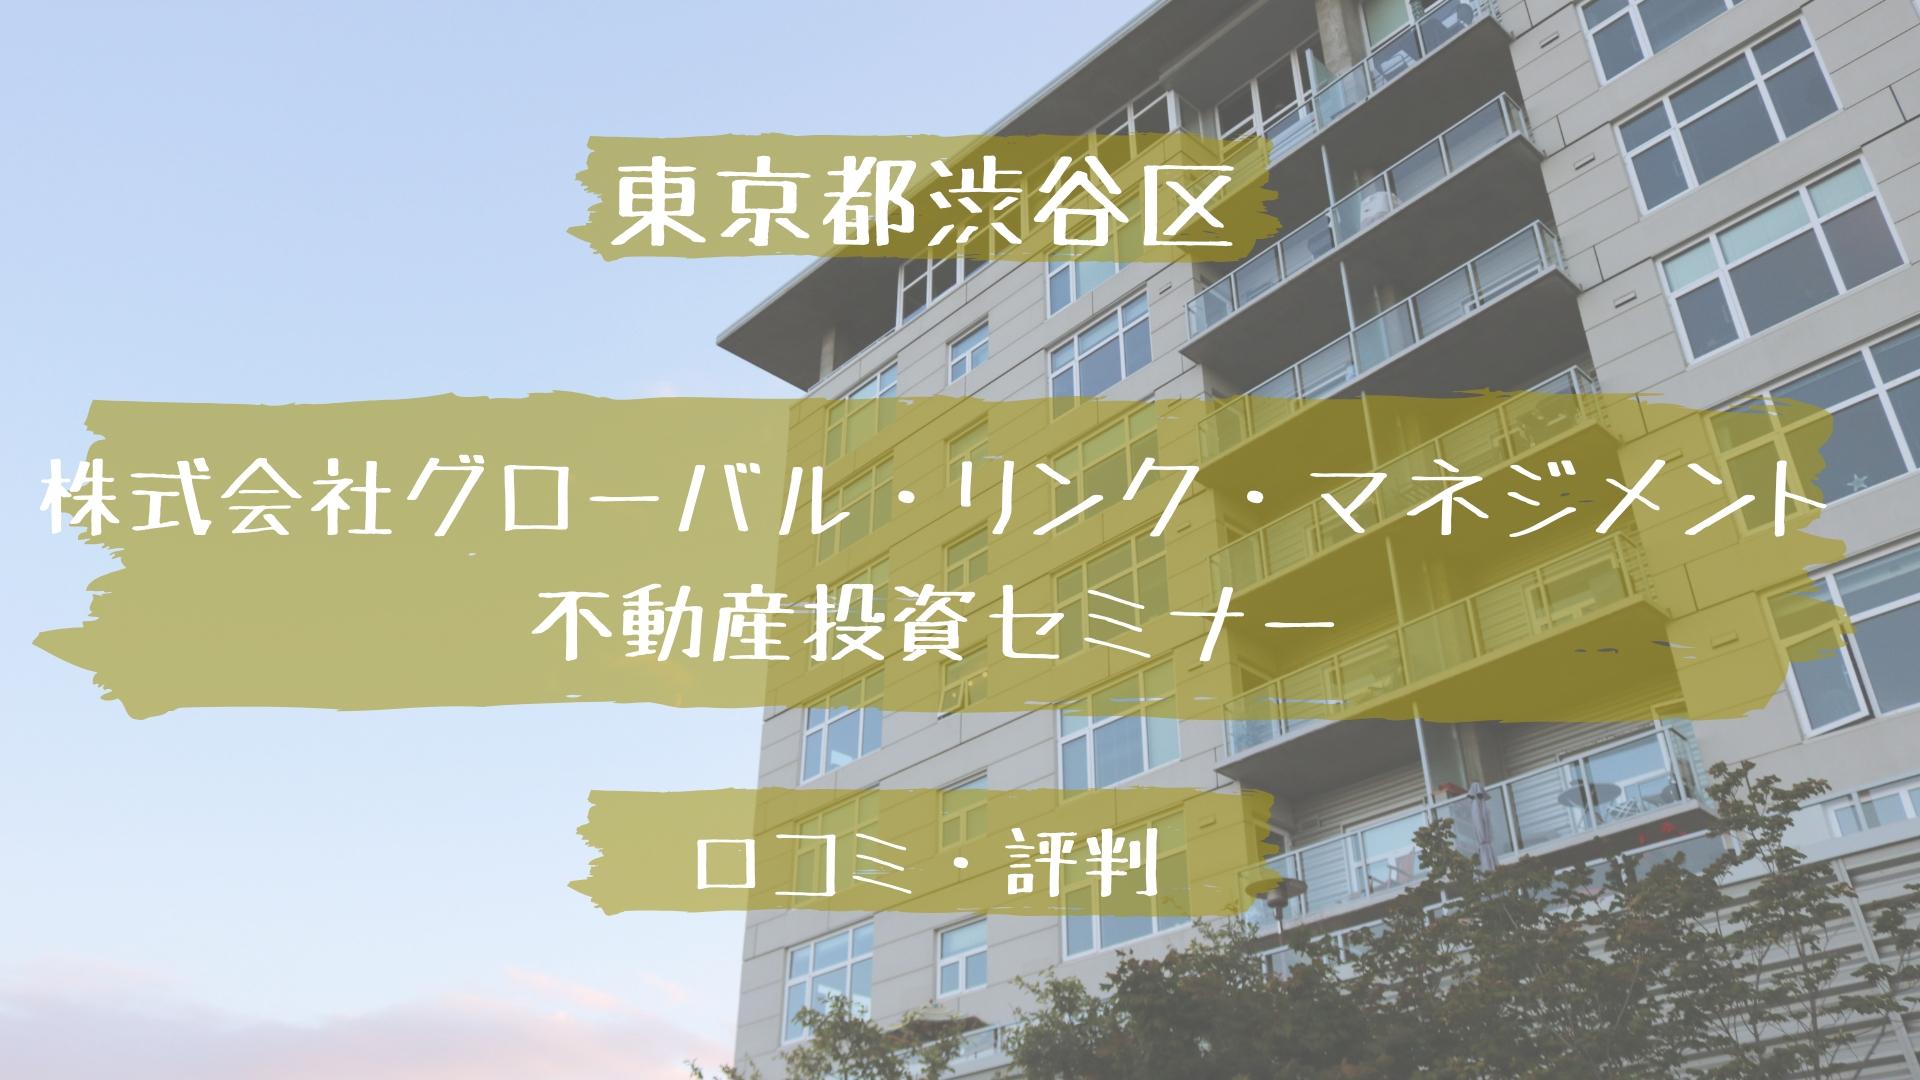 株式会社グローバル・リンク・マネジメント_不動産投資セミナー